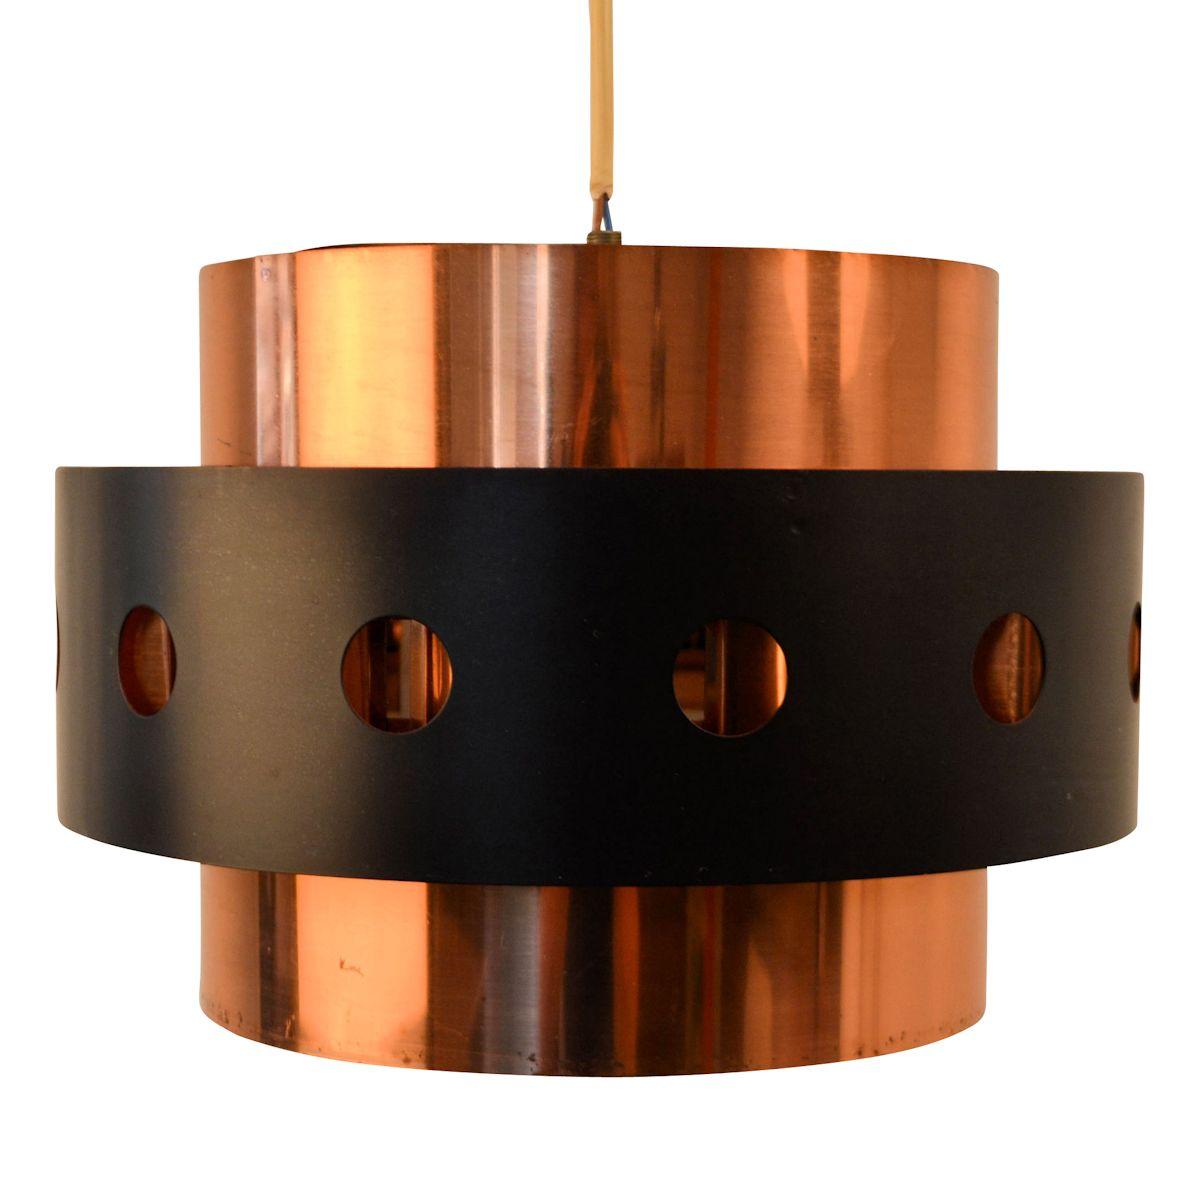 Fog & Mørup hanglamp 60's